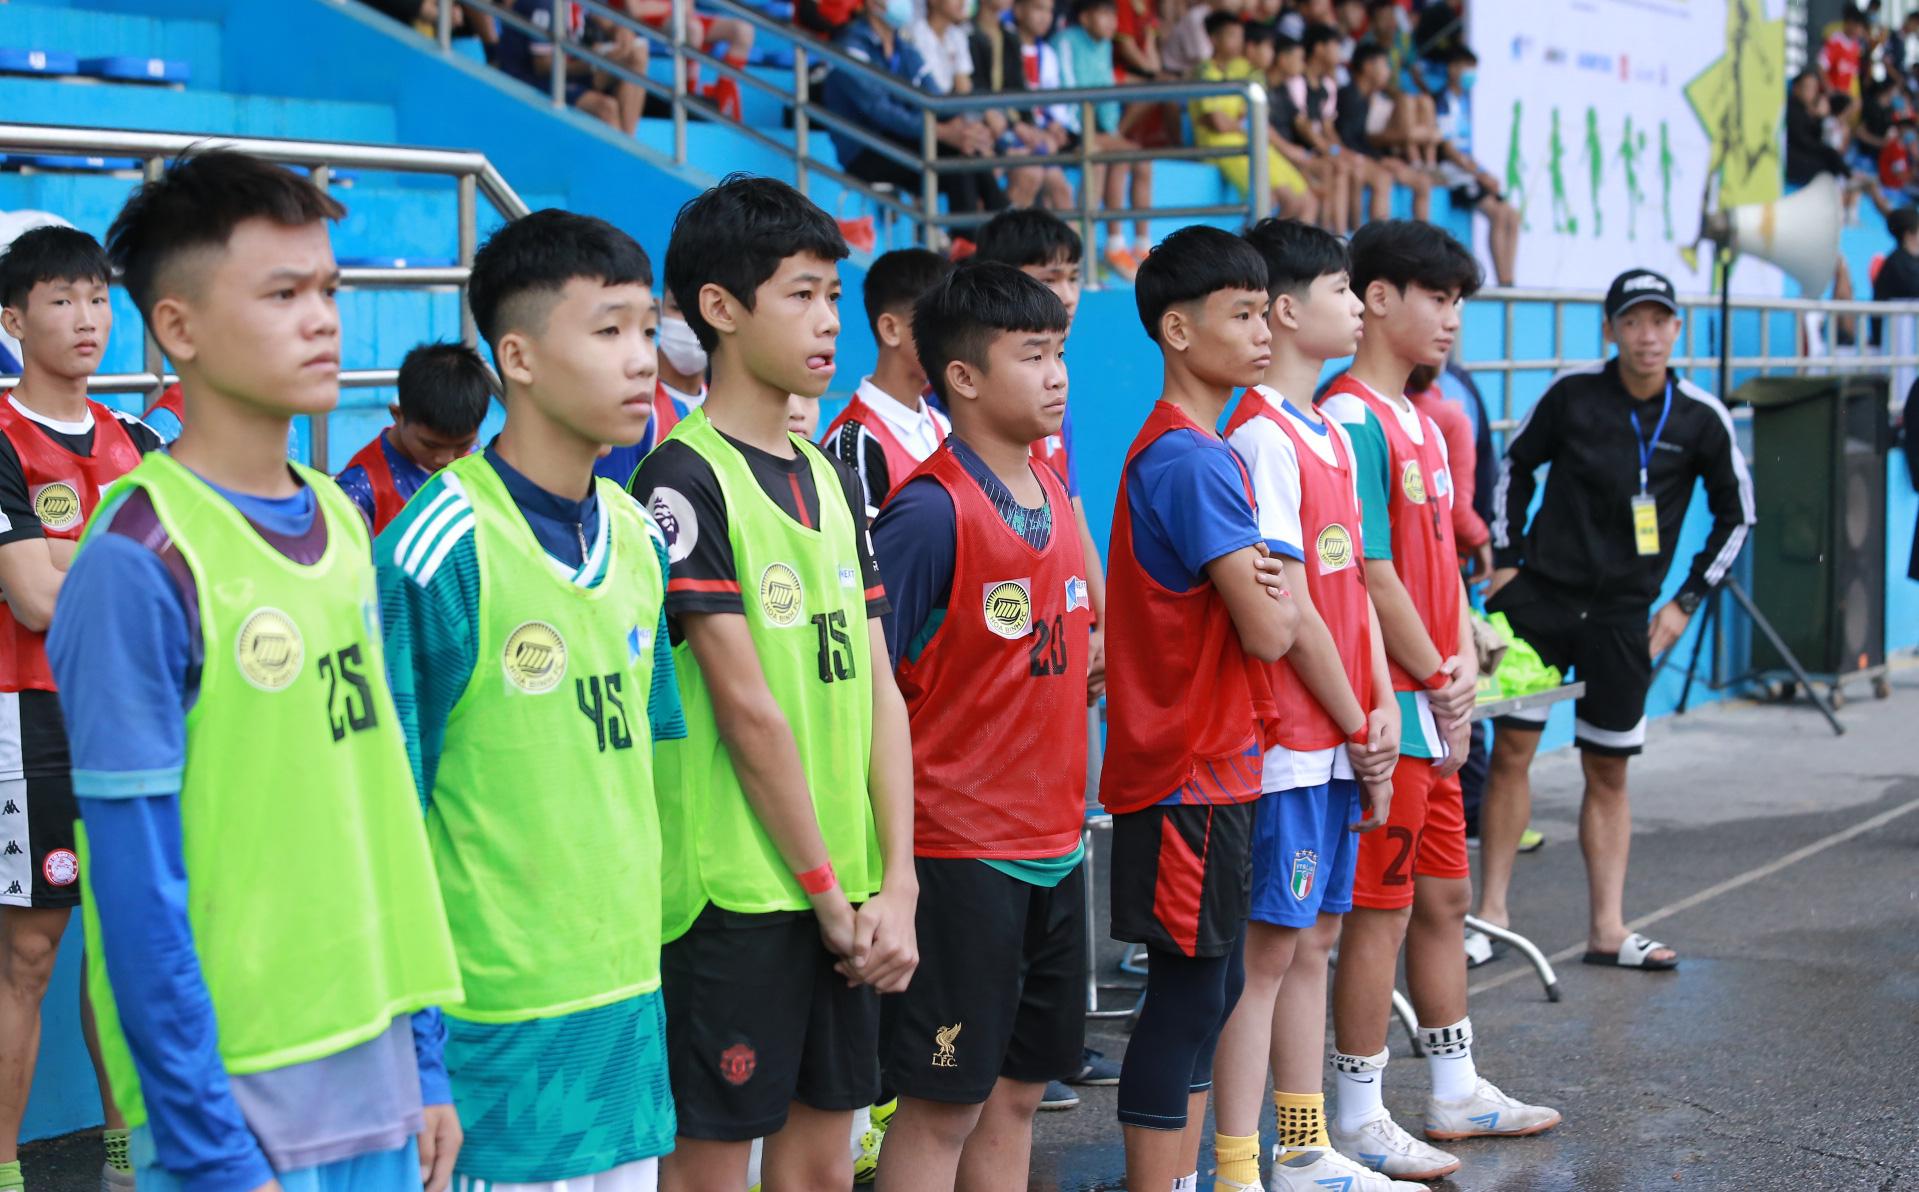 Thế lực mới có bước đi đáng khen, sẽ góp sức cùng HLV Park làm hùng mạnh bóng đá Việt?